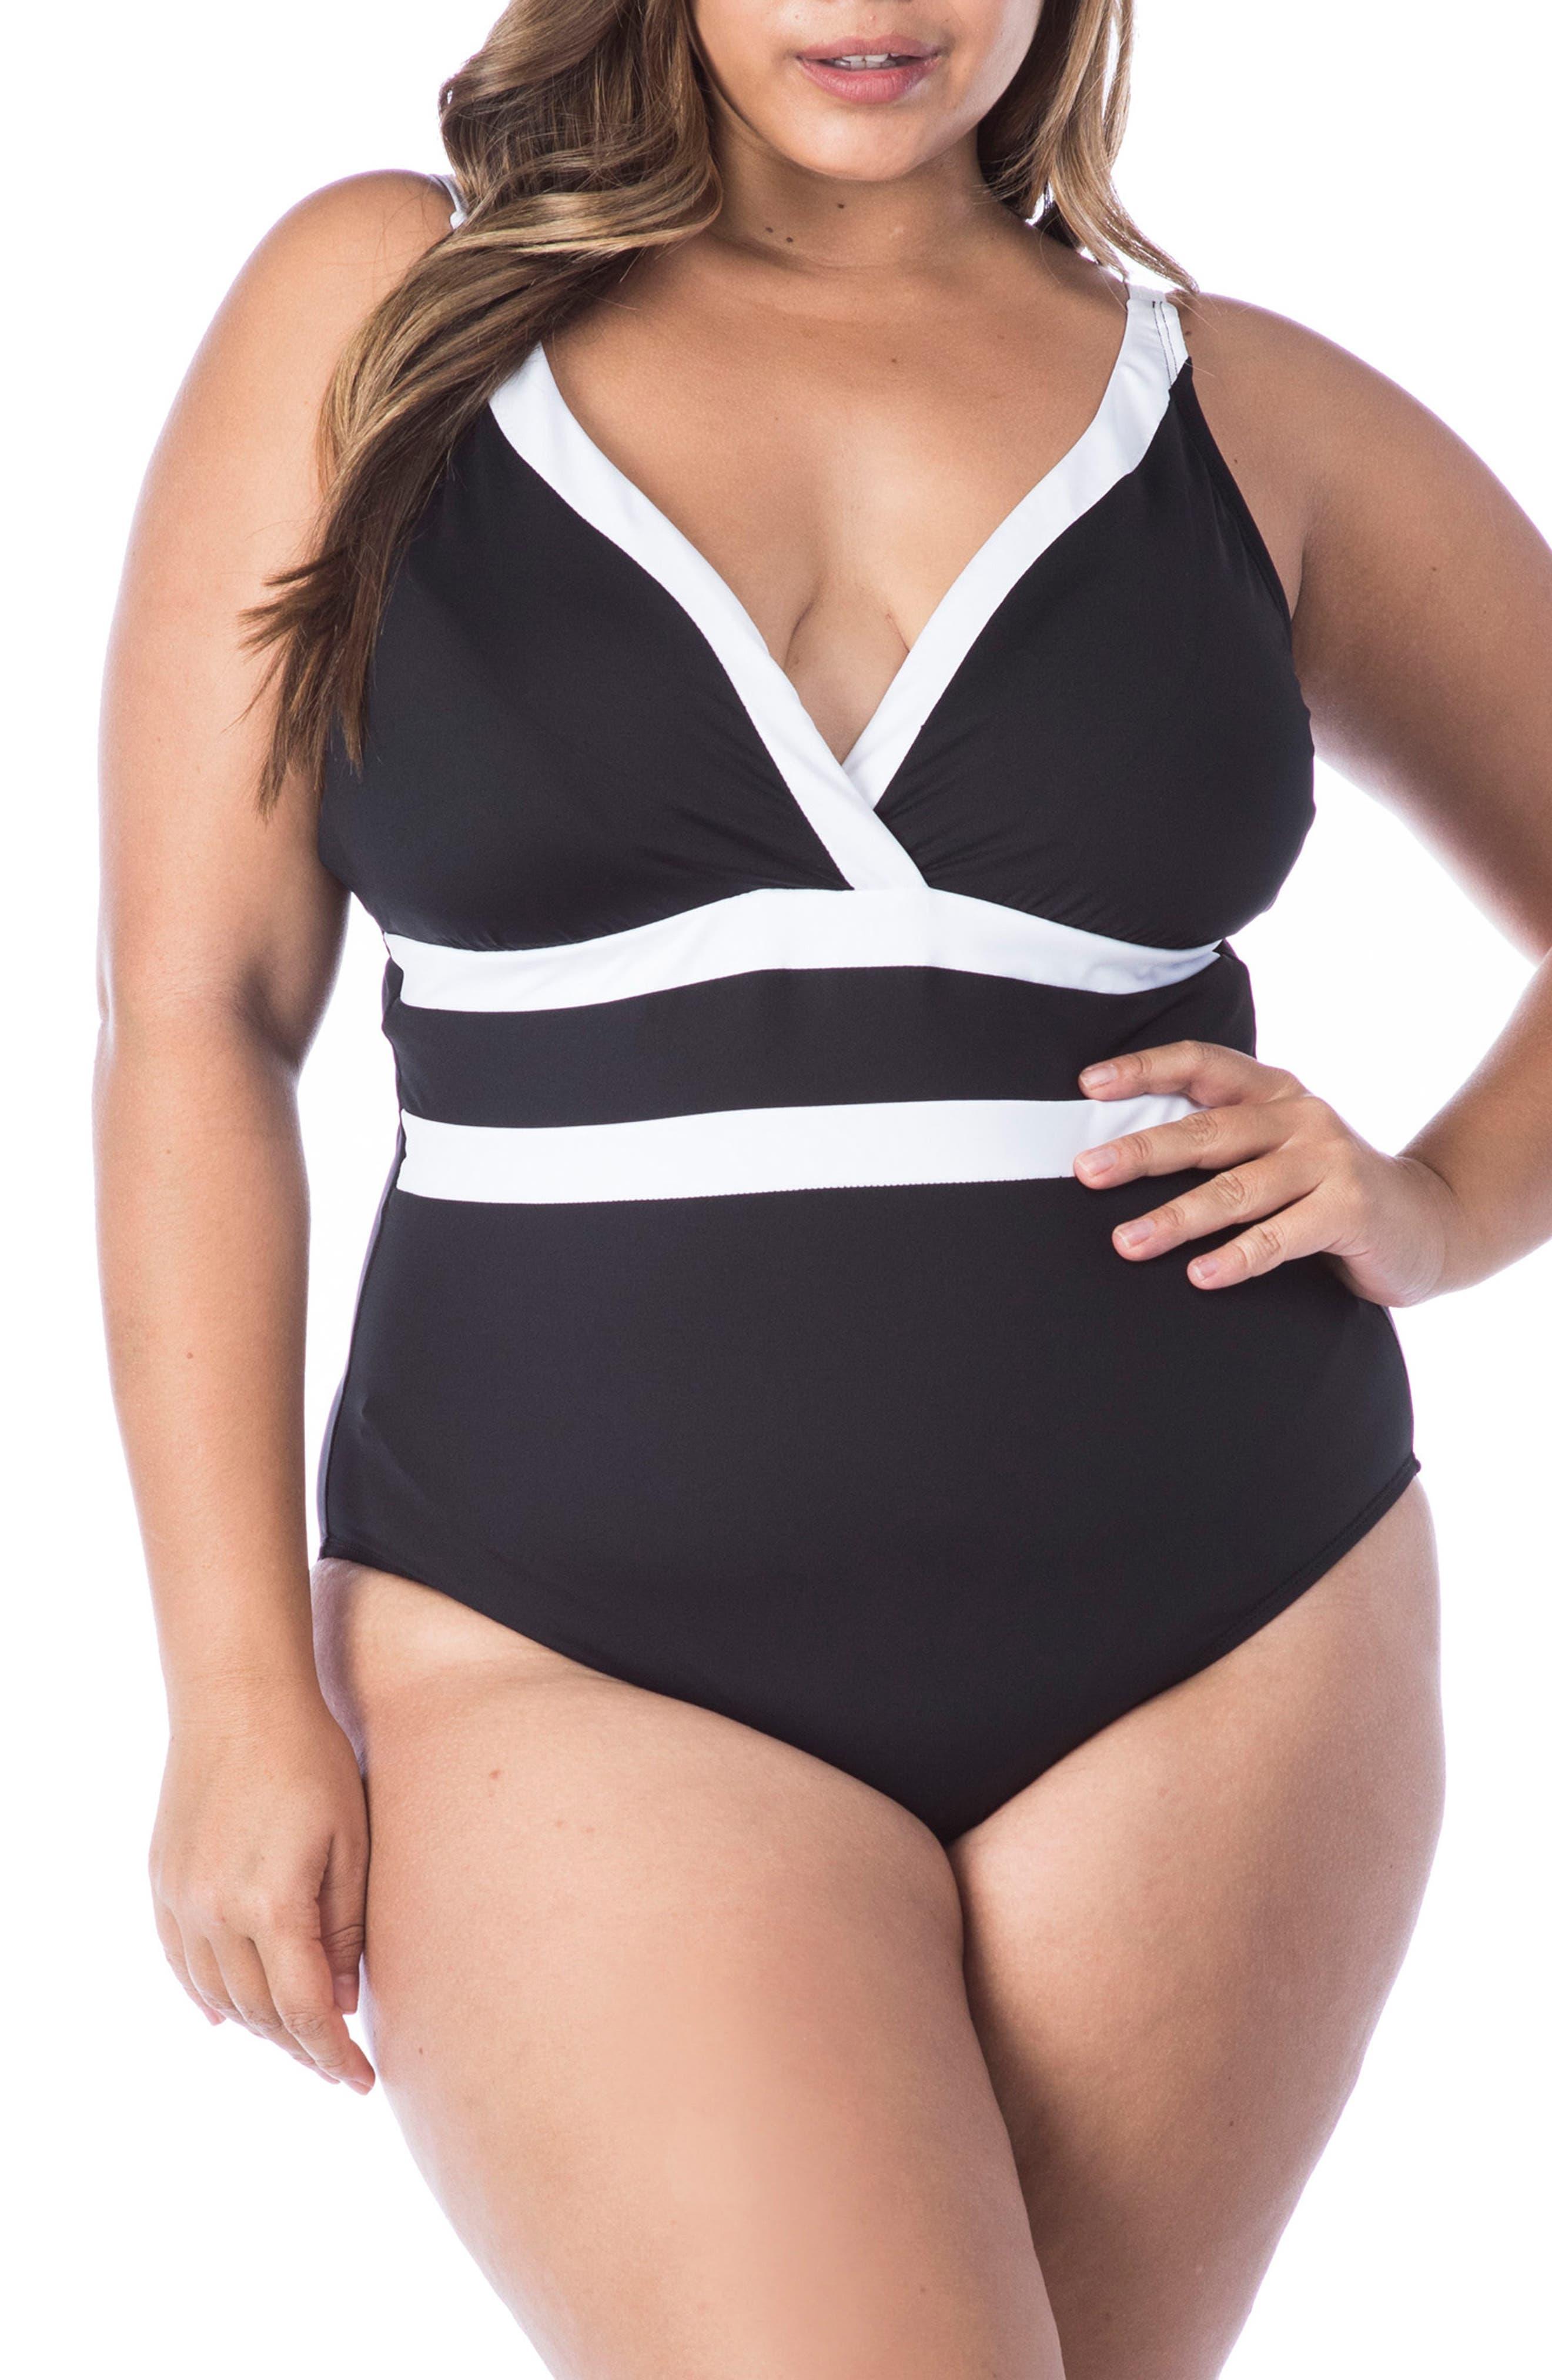 Vintage Bathing Suits | Retro Swimwear | Vintage Swimsuits Plus Size Womens La Blanca Modern One-Piece Swimsuit Size 20W - Black $79.80 AT vintagedancer.com